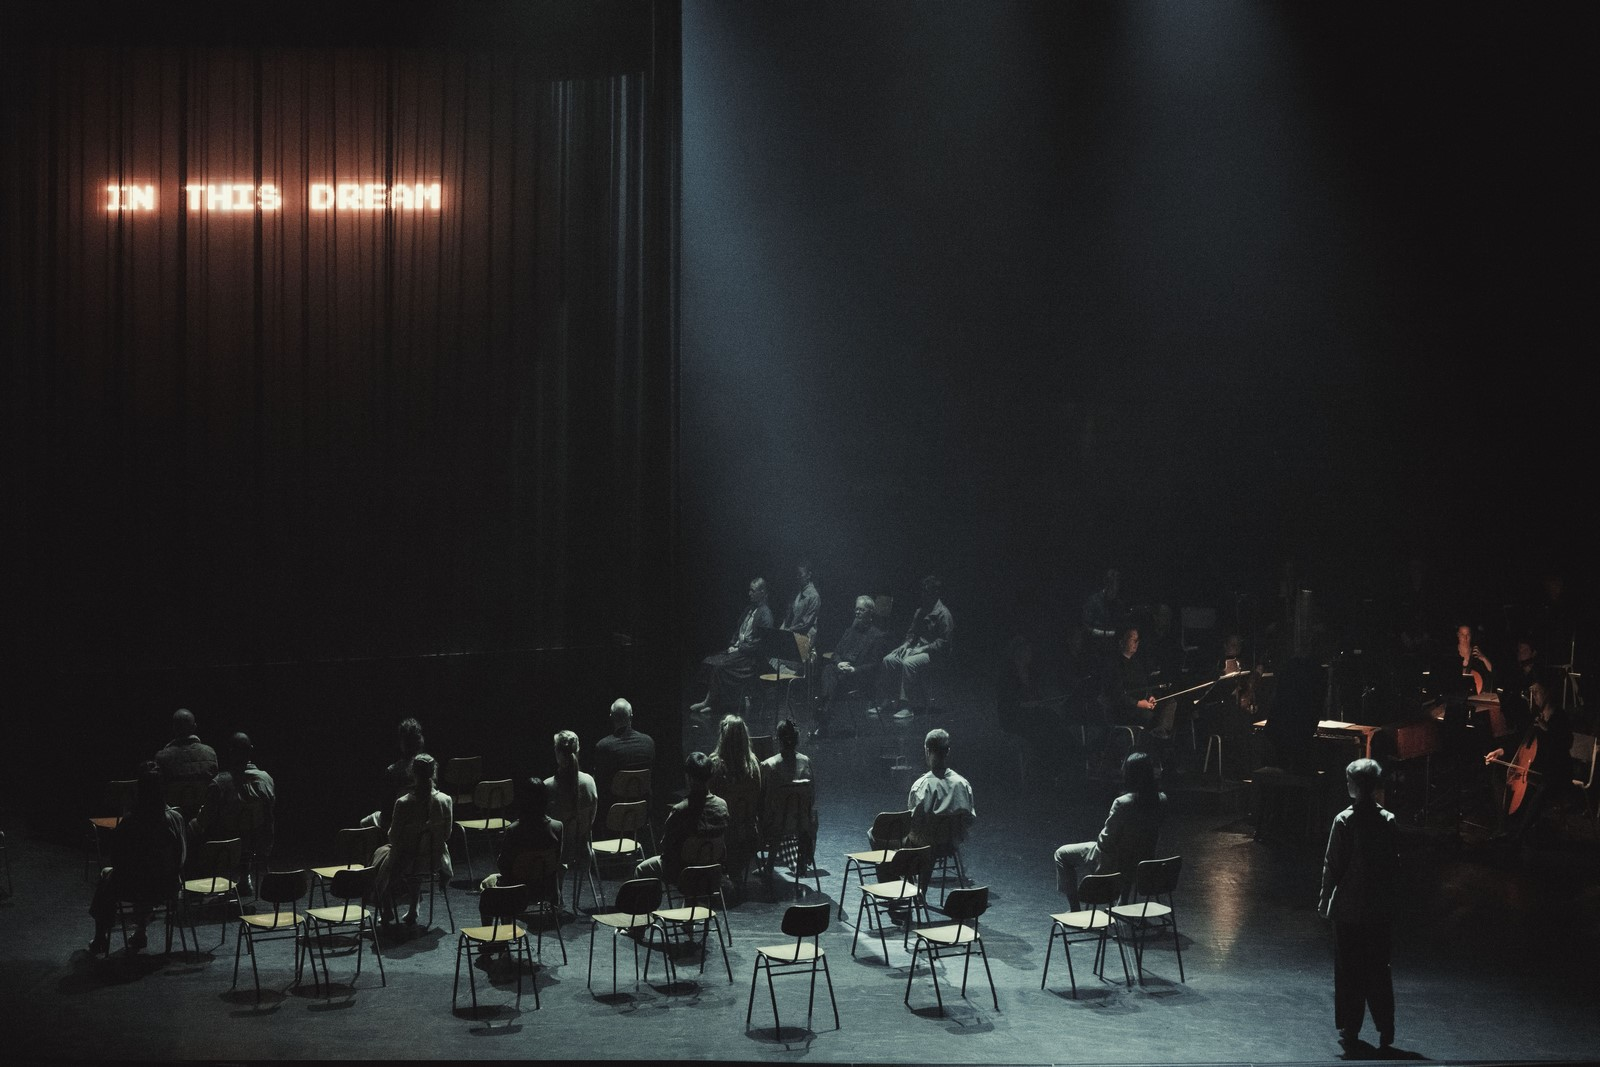 Anmeldelse: Light – Bach Dances, Det Kongelige Teater